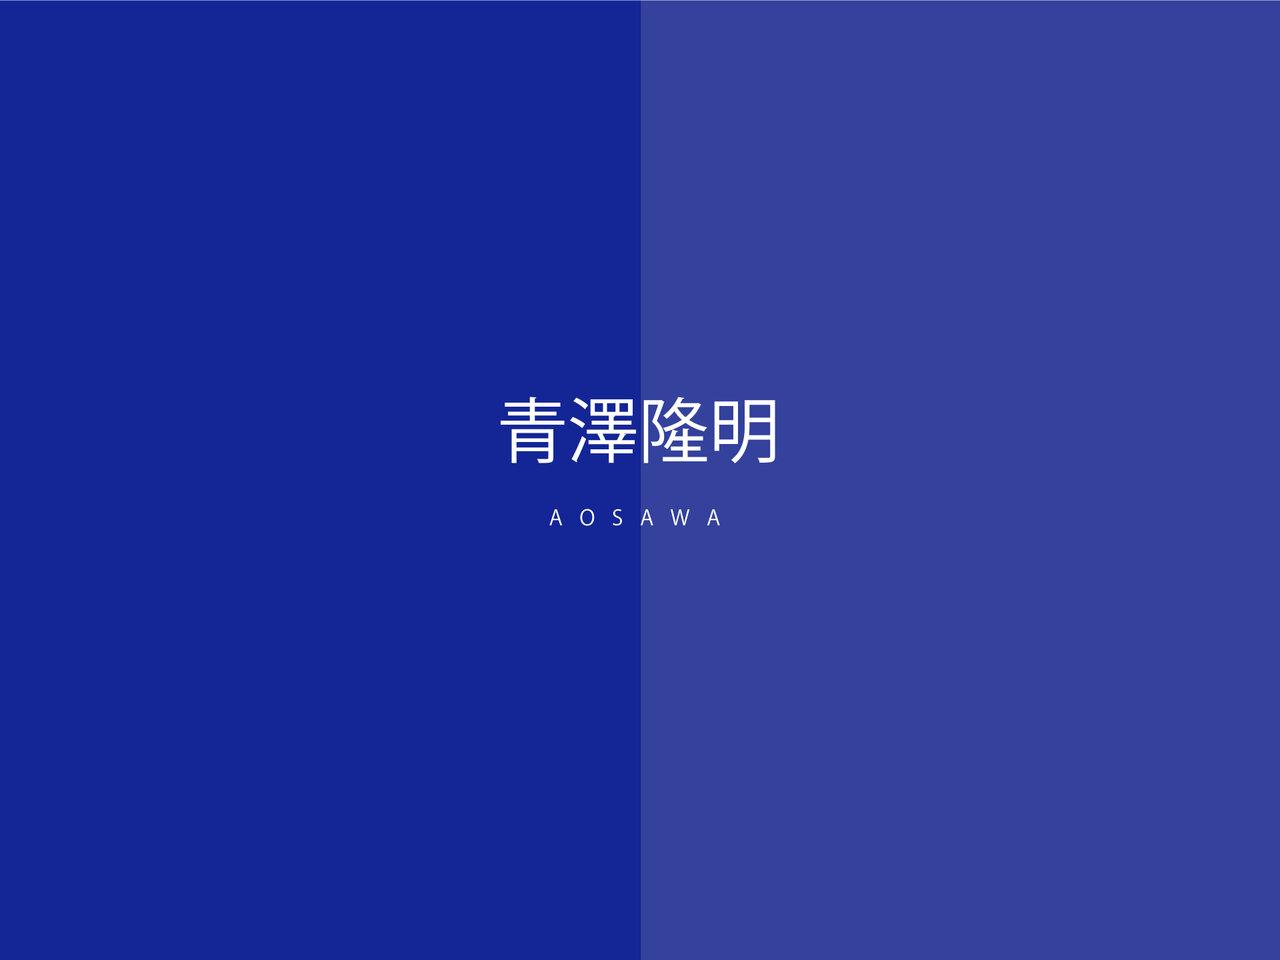 非日常の音楽を日常的に叶える仕事 - 飯守泰次郎と東京シティ・フィルの向かう王道